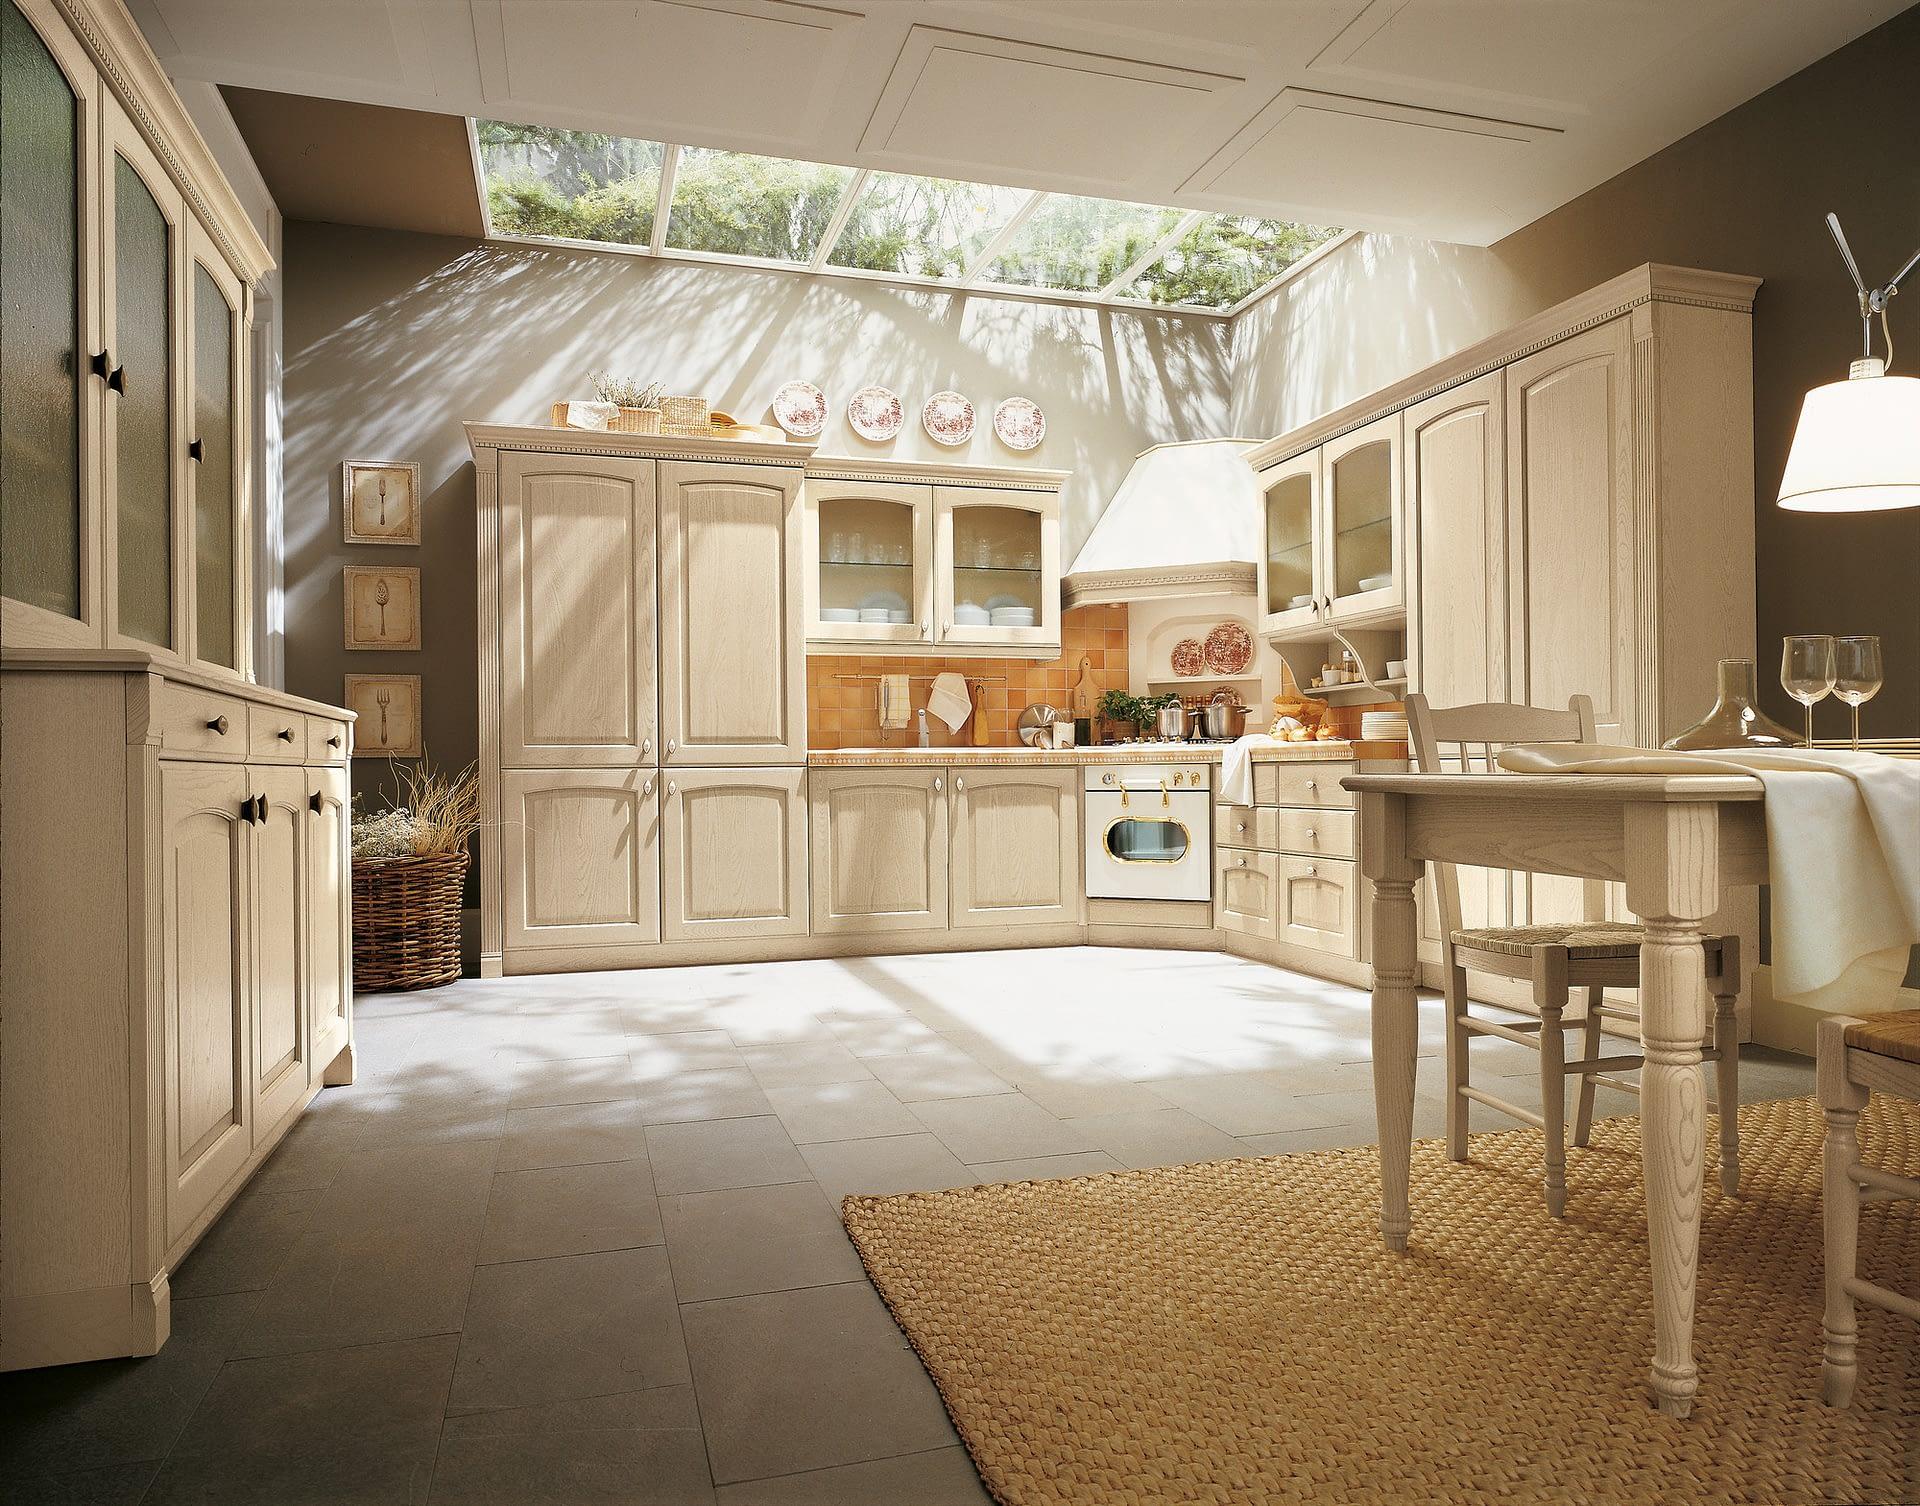 cucina nana composizione angolare completa